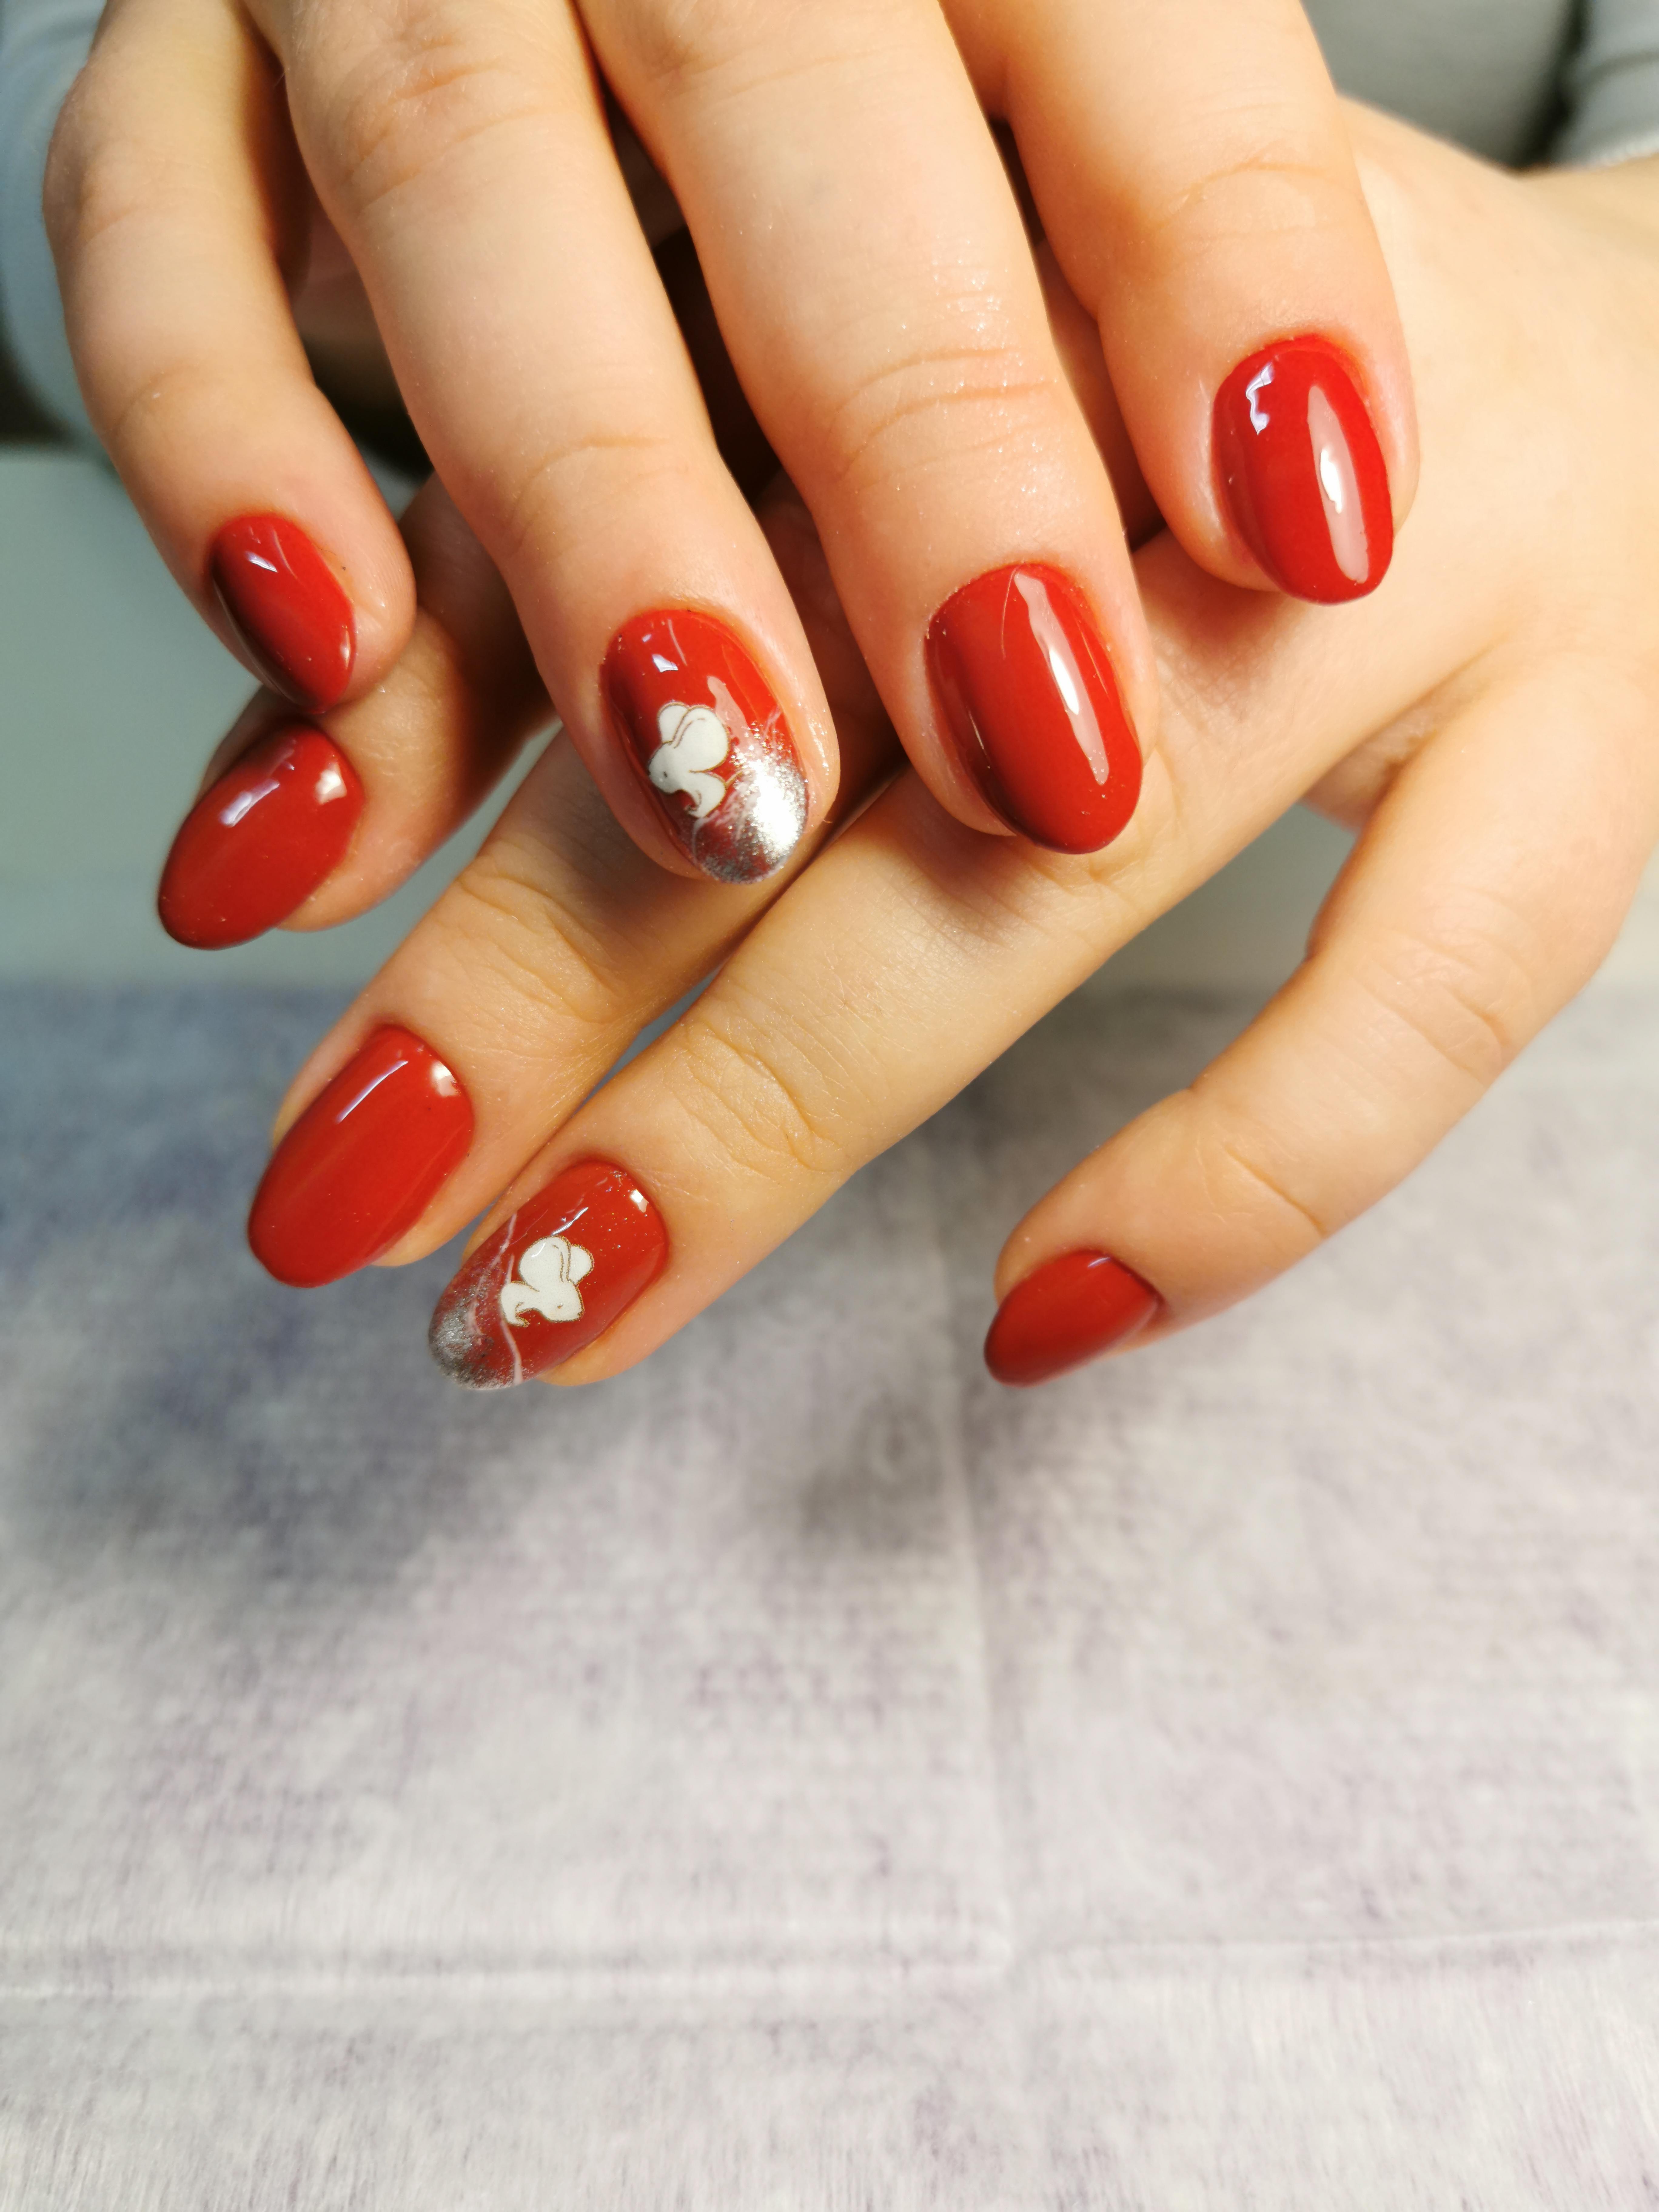 Маникюр с мышкой в бордовом цвете на короткие ногти.